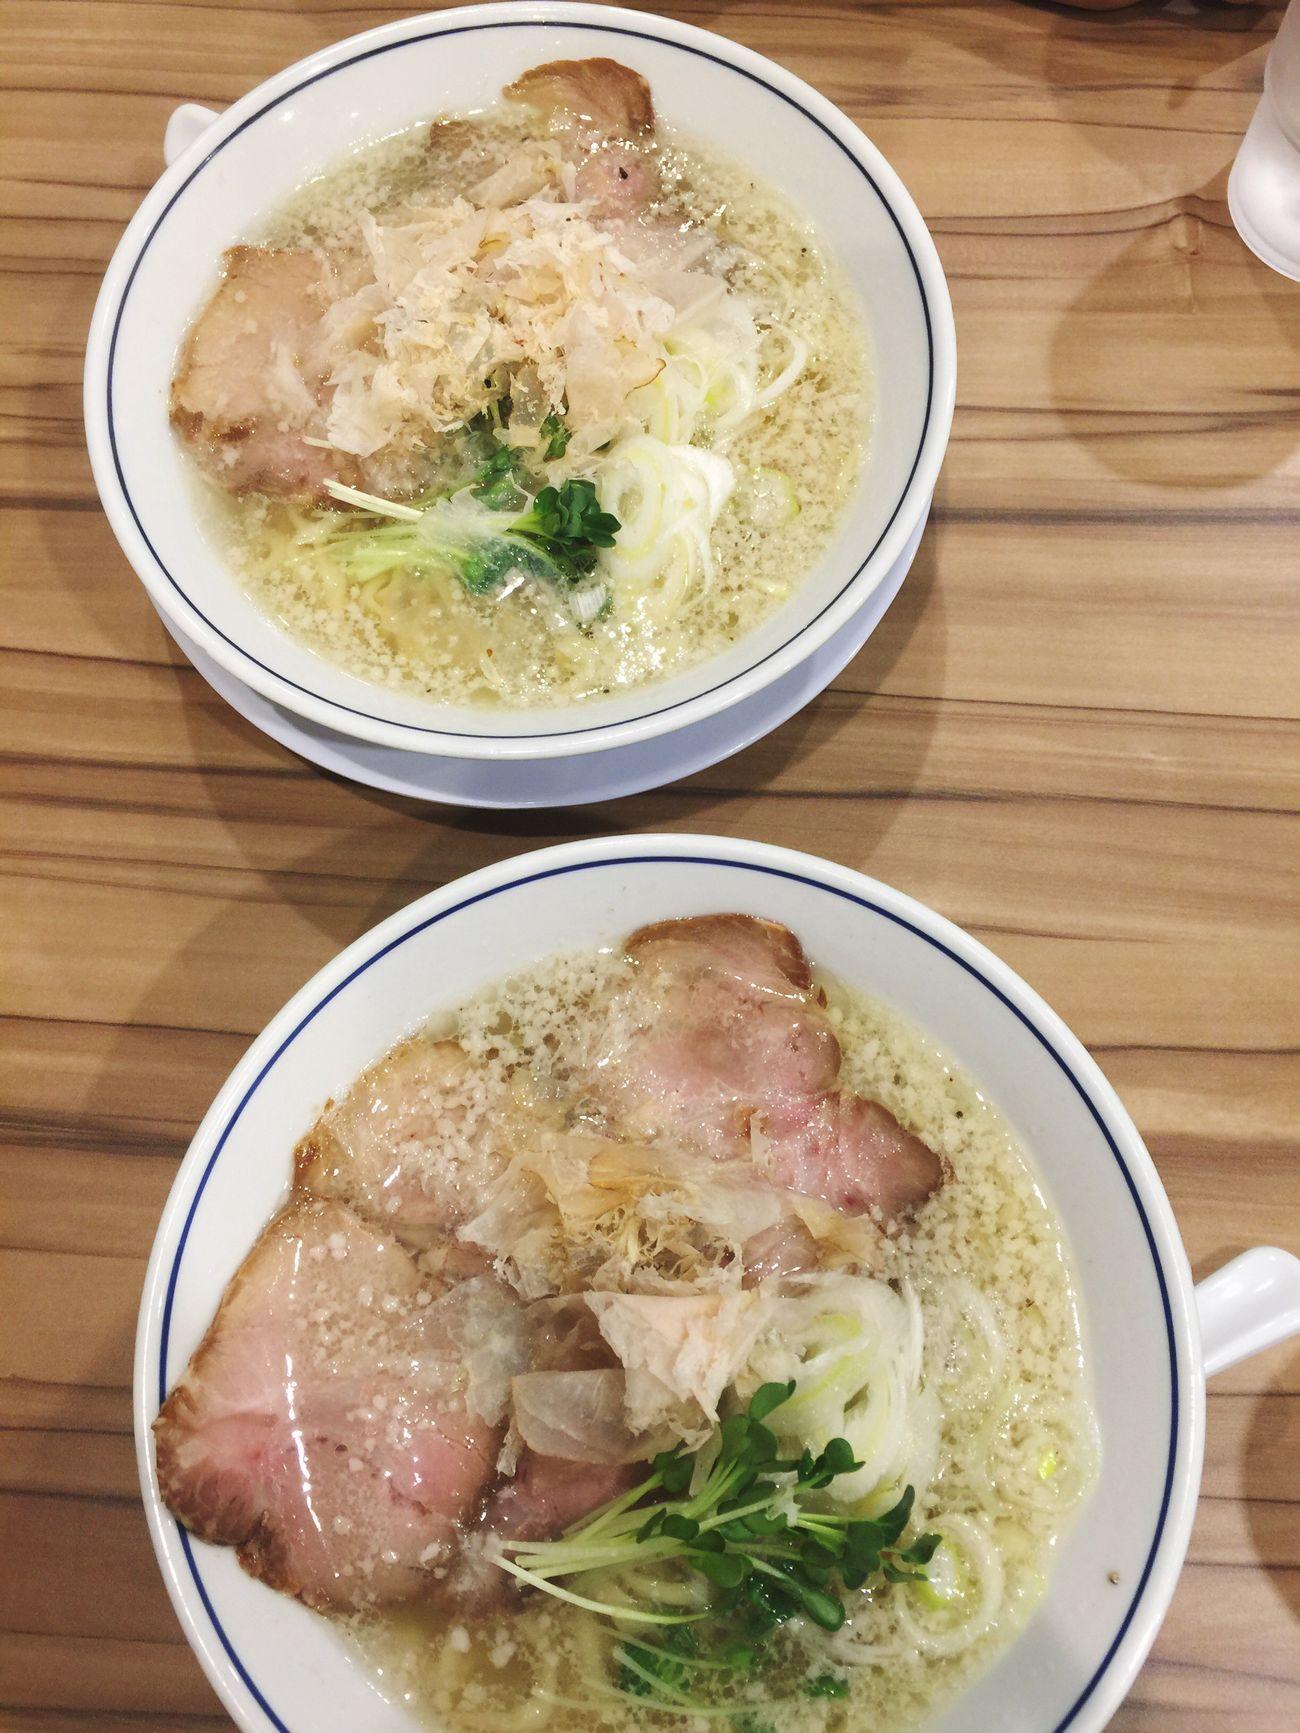 塩ラーメンサイコー.+*:゚+。.☆背脂が浮いているよ。 大阪市 Vscocam #vsco ラ女子 ラヲタ Ramen Enjoy Eating Vscocamphotos